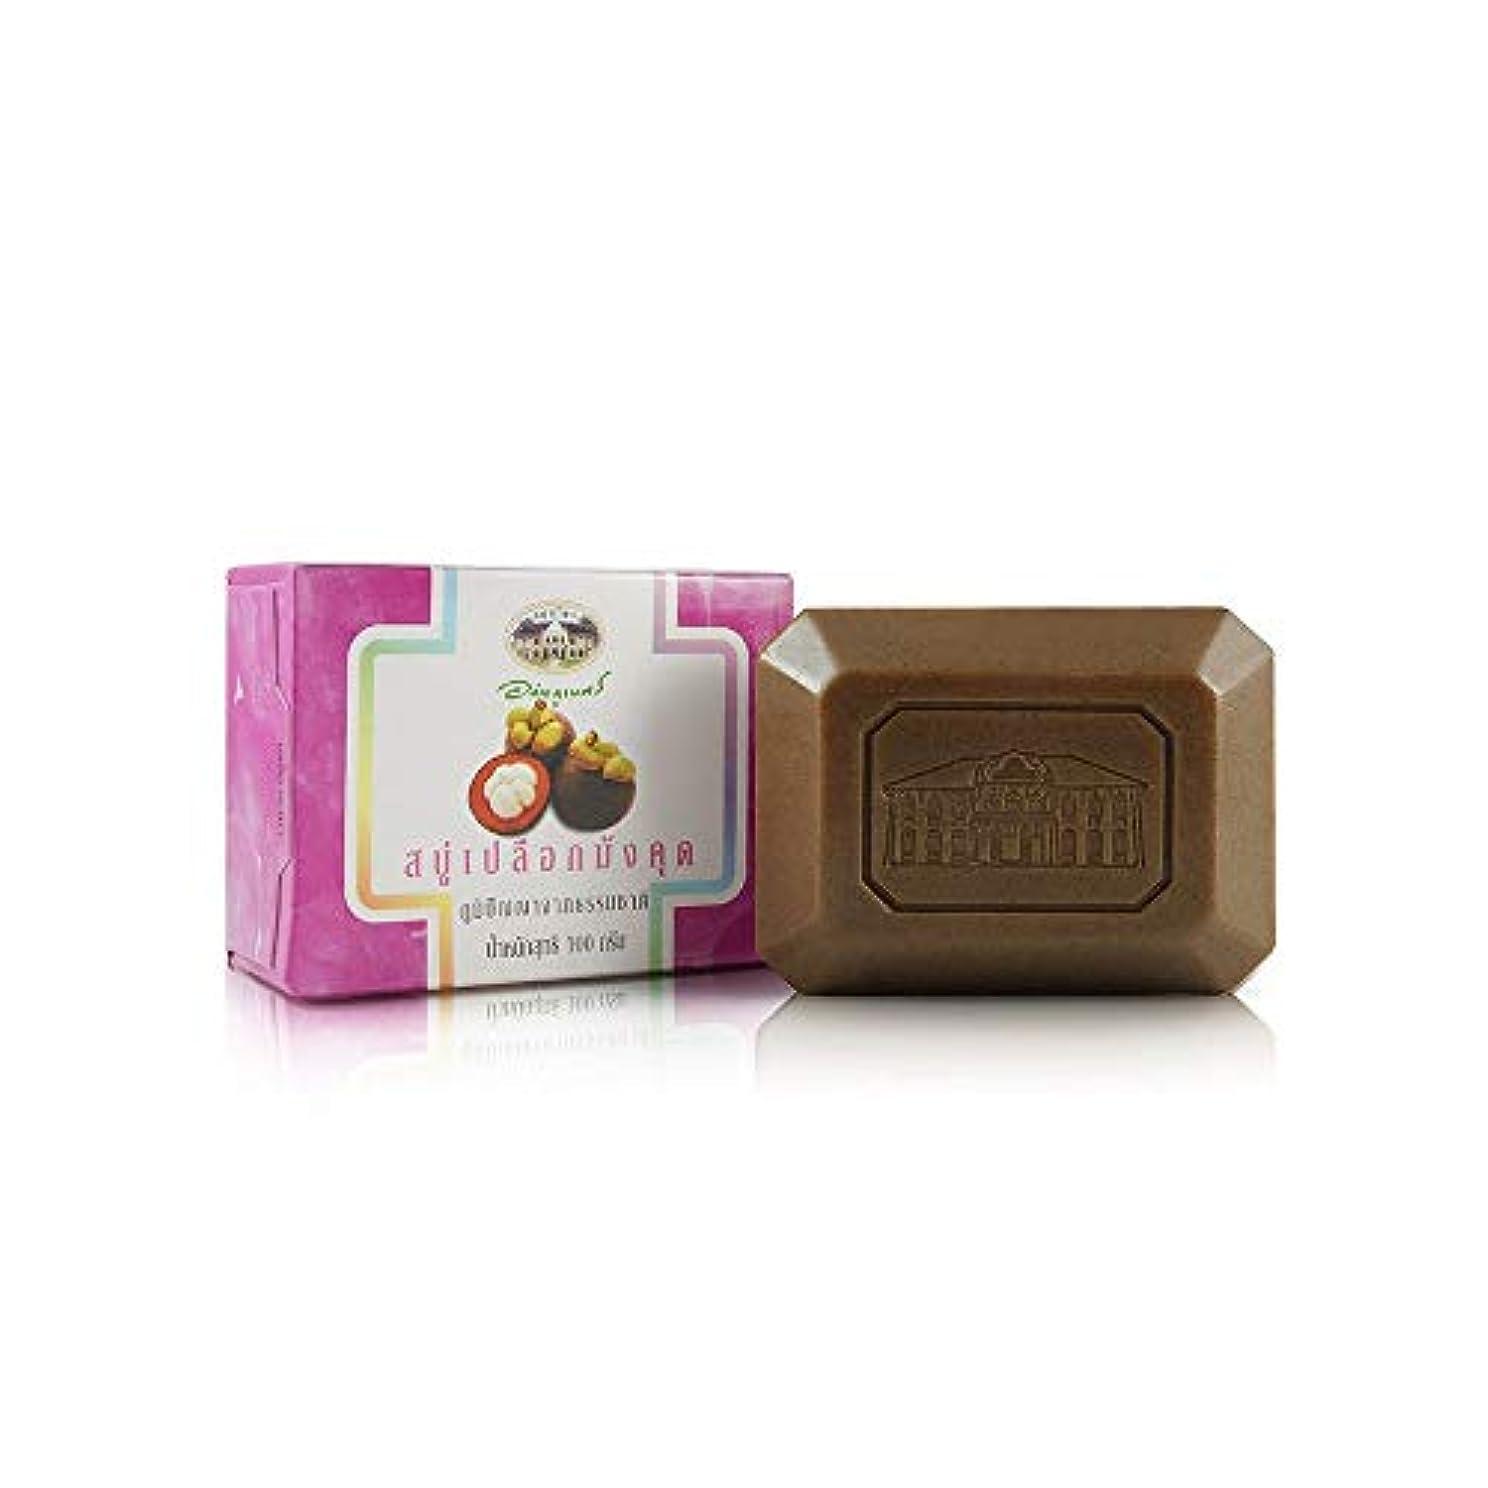 ごみ家事伝えるAbhaibhubejhr Mangosteen Peel Skin Herbal Body Cleansing Soap 100g. Abhaibhubejhrマンゴスチンピールスキンハーブボディクレンジングソープ100グラム。